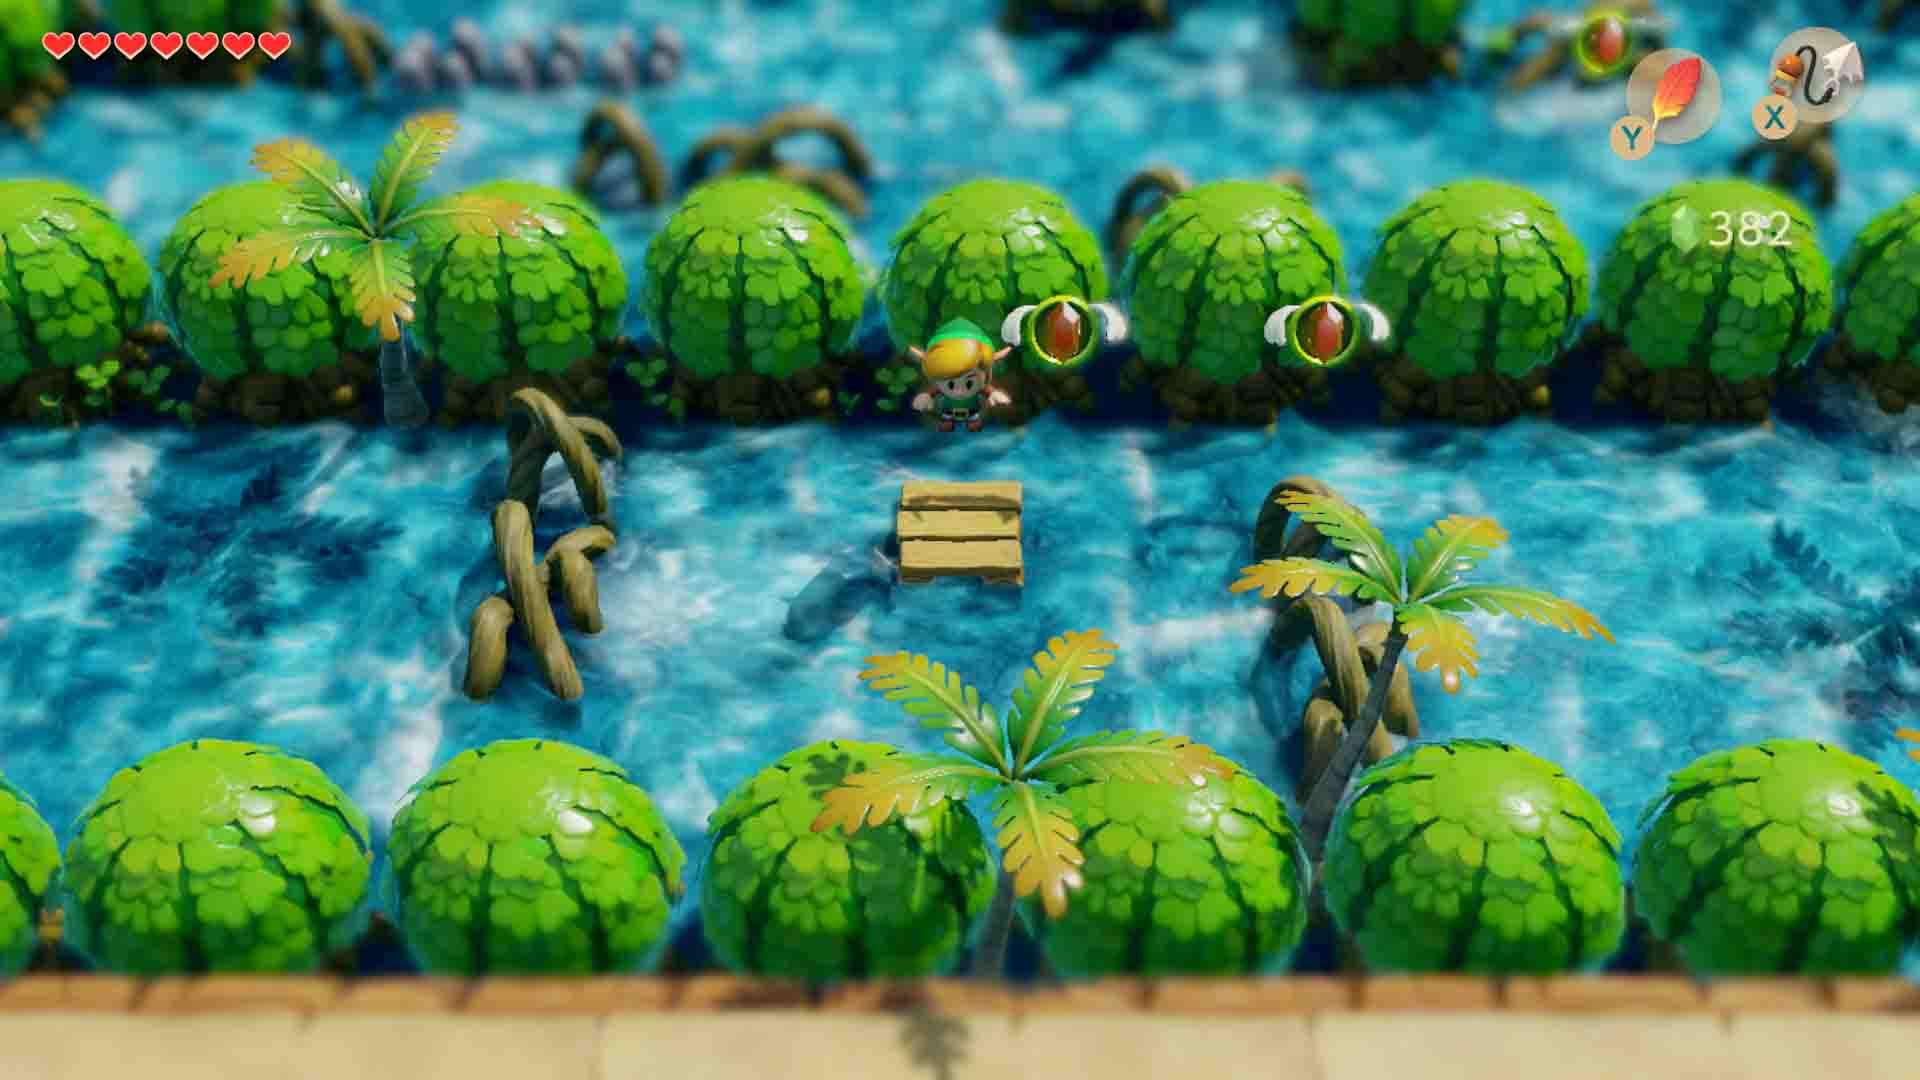 Zelda - Link's Awakening